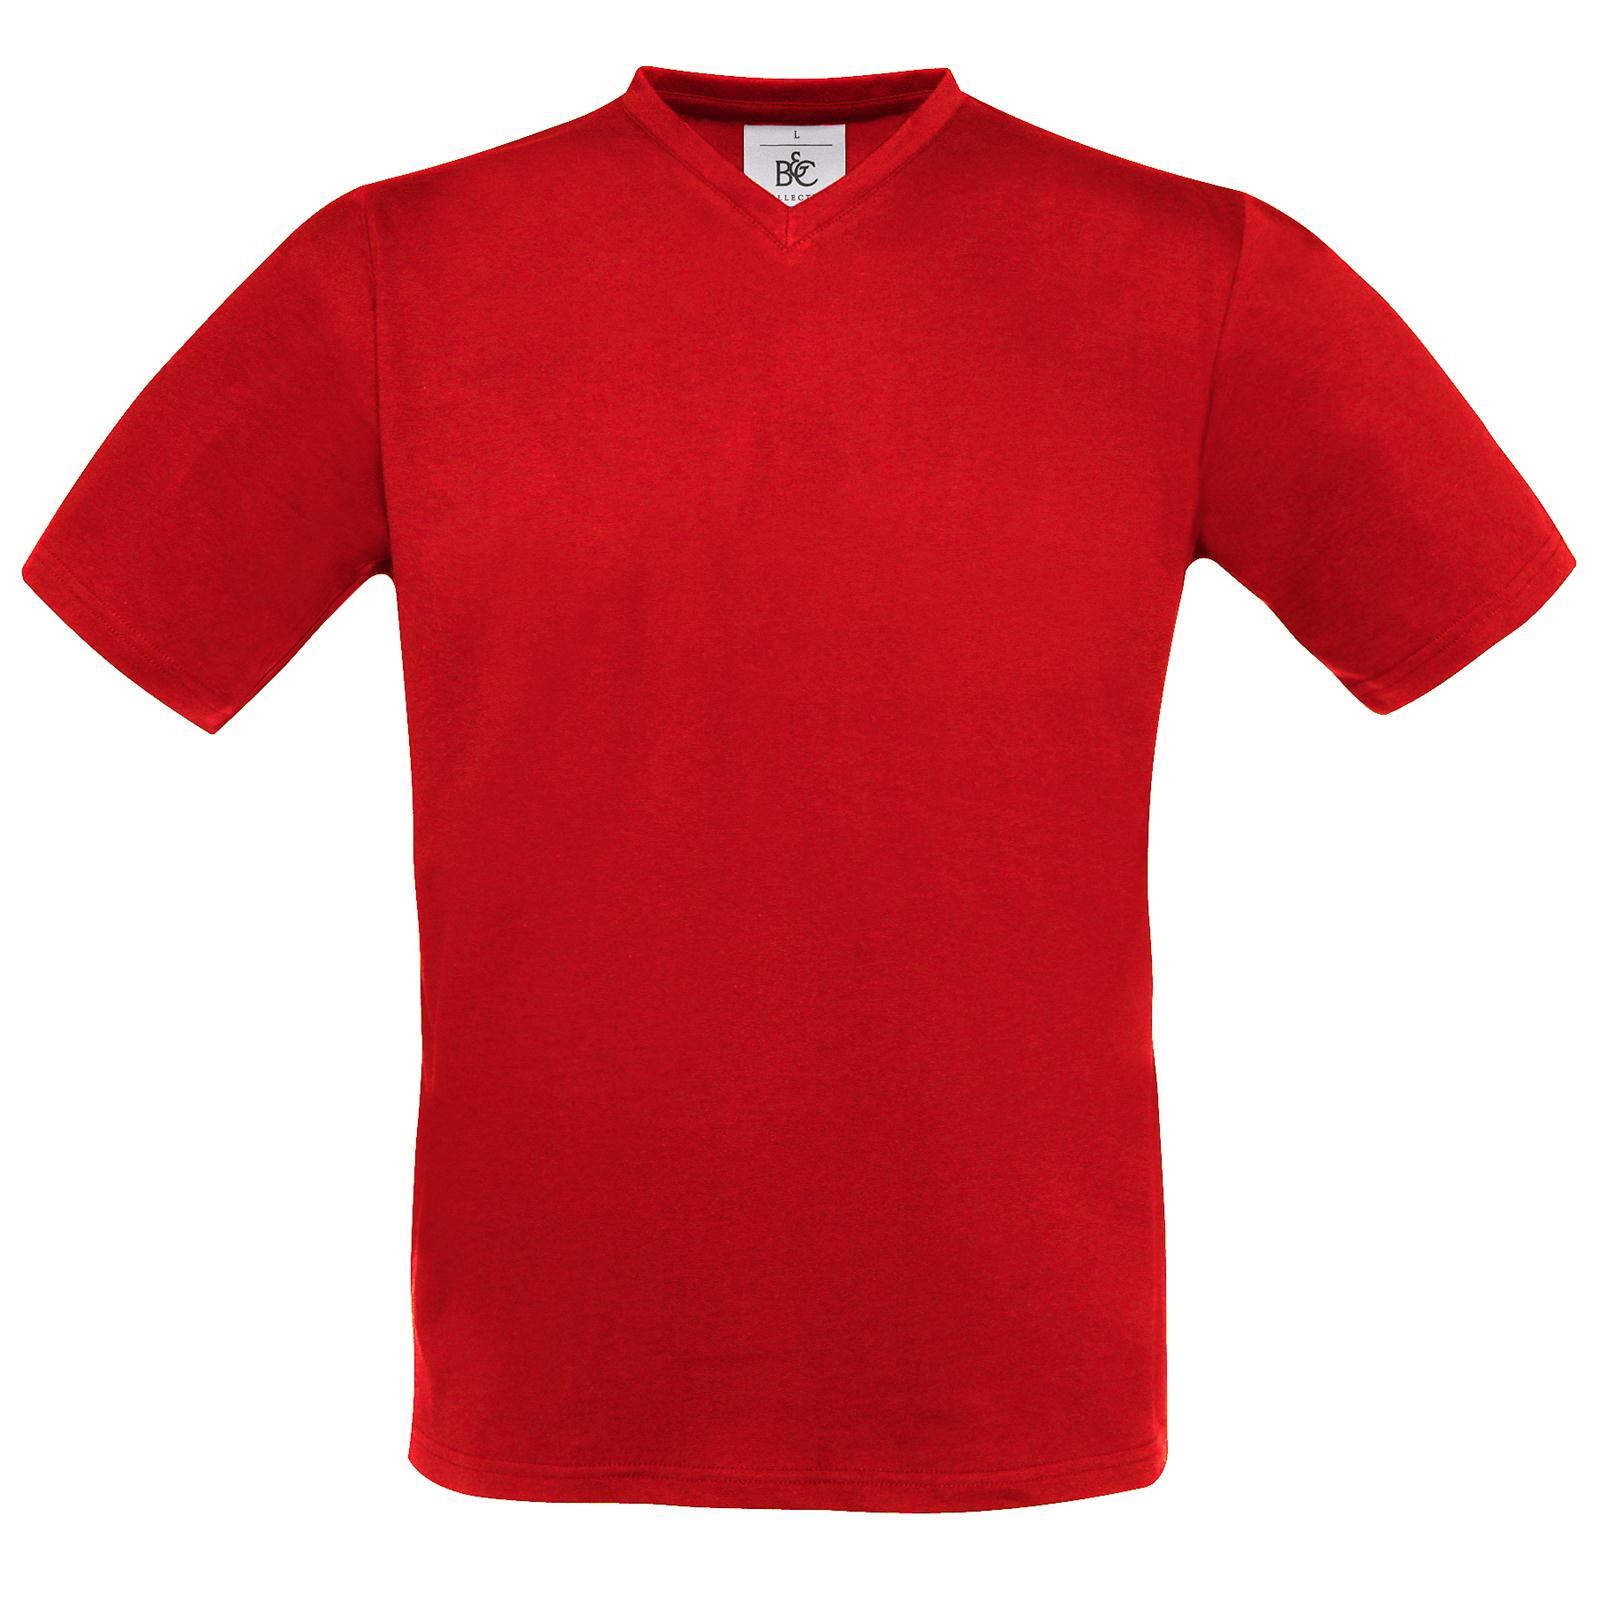 Nouveau,B,amp,C,Hommes,T,shirt,Mode,